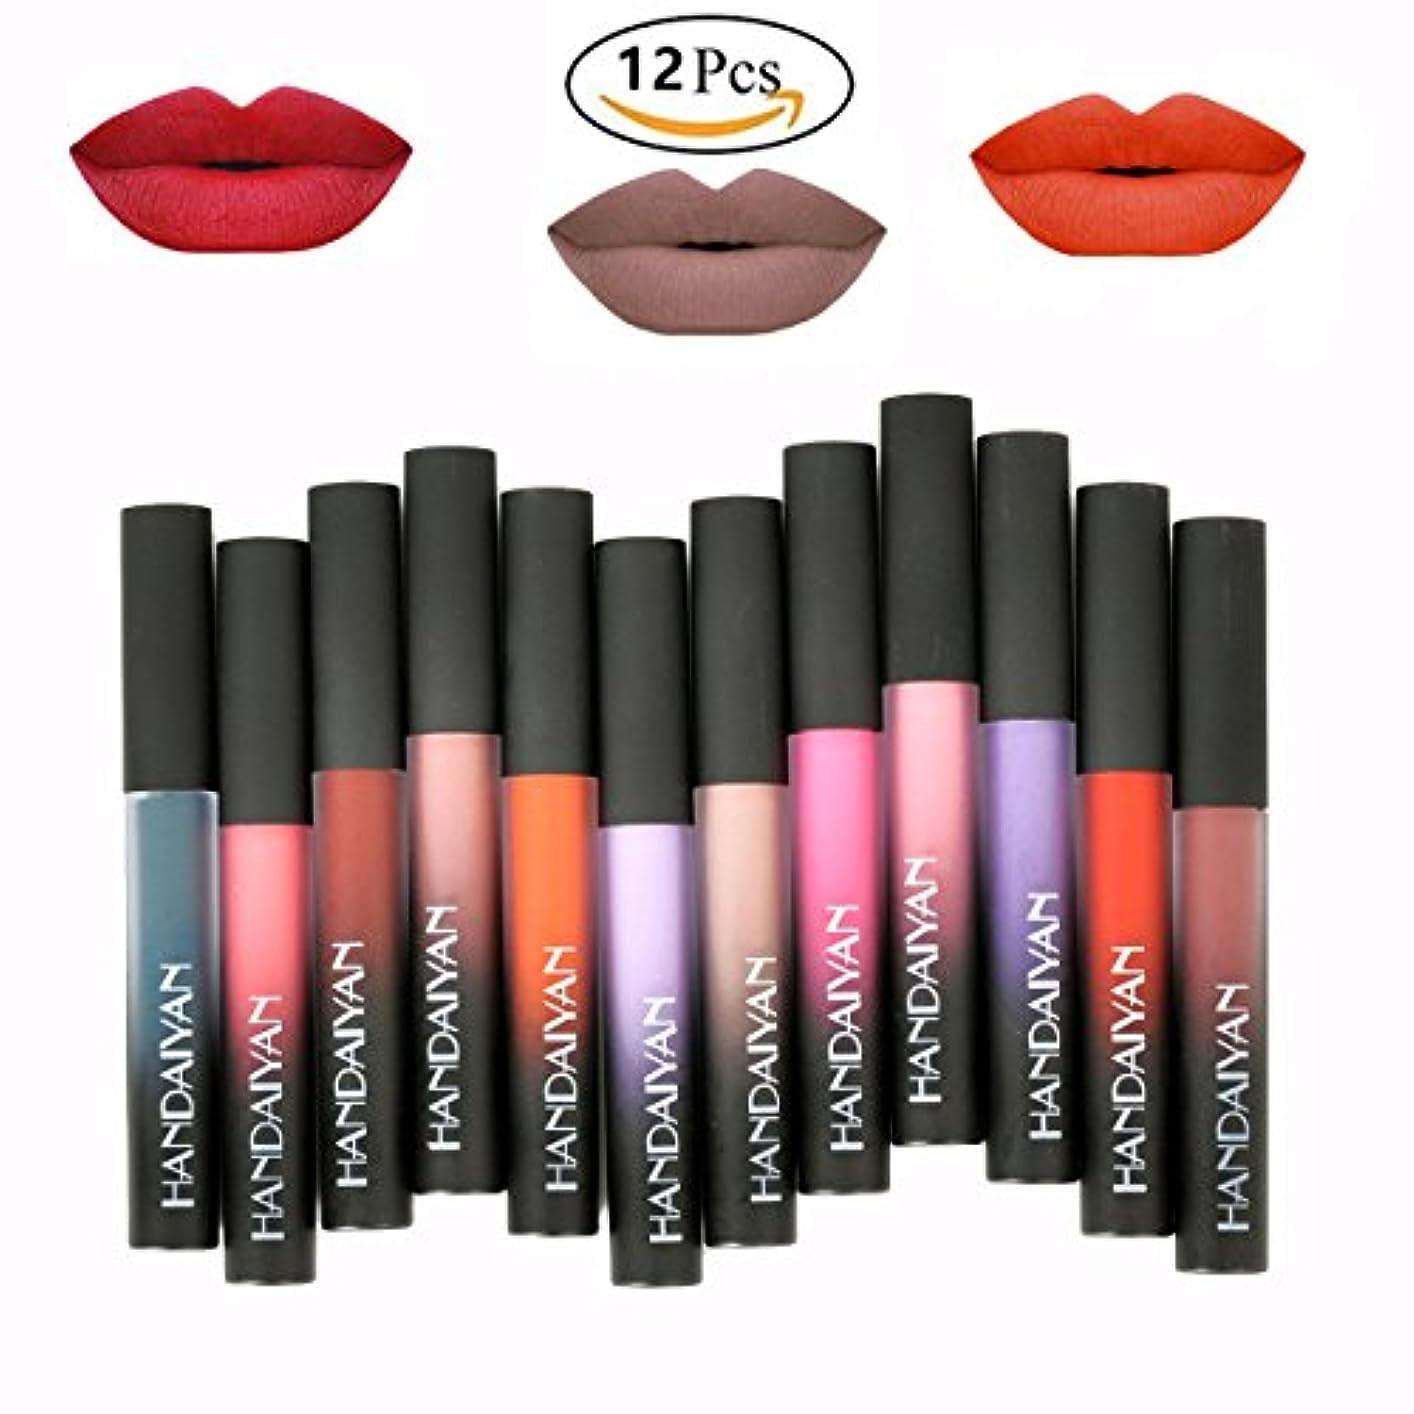 抜粋不器用カート12 Colors Waterproof Long Lasting Durable Matte Liquid Lipstick Beauty Lip Gloss | Sexy Fashionable Colors Lipsticks...